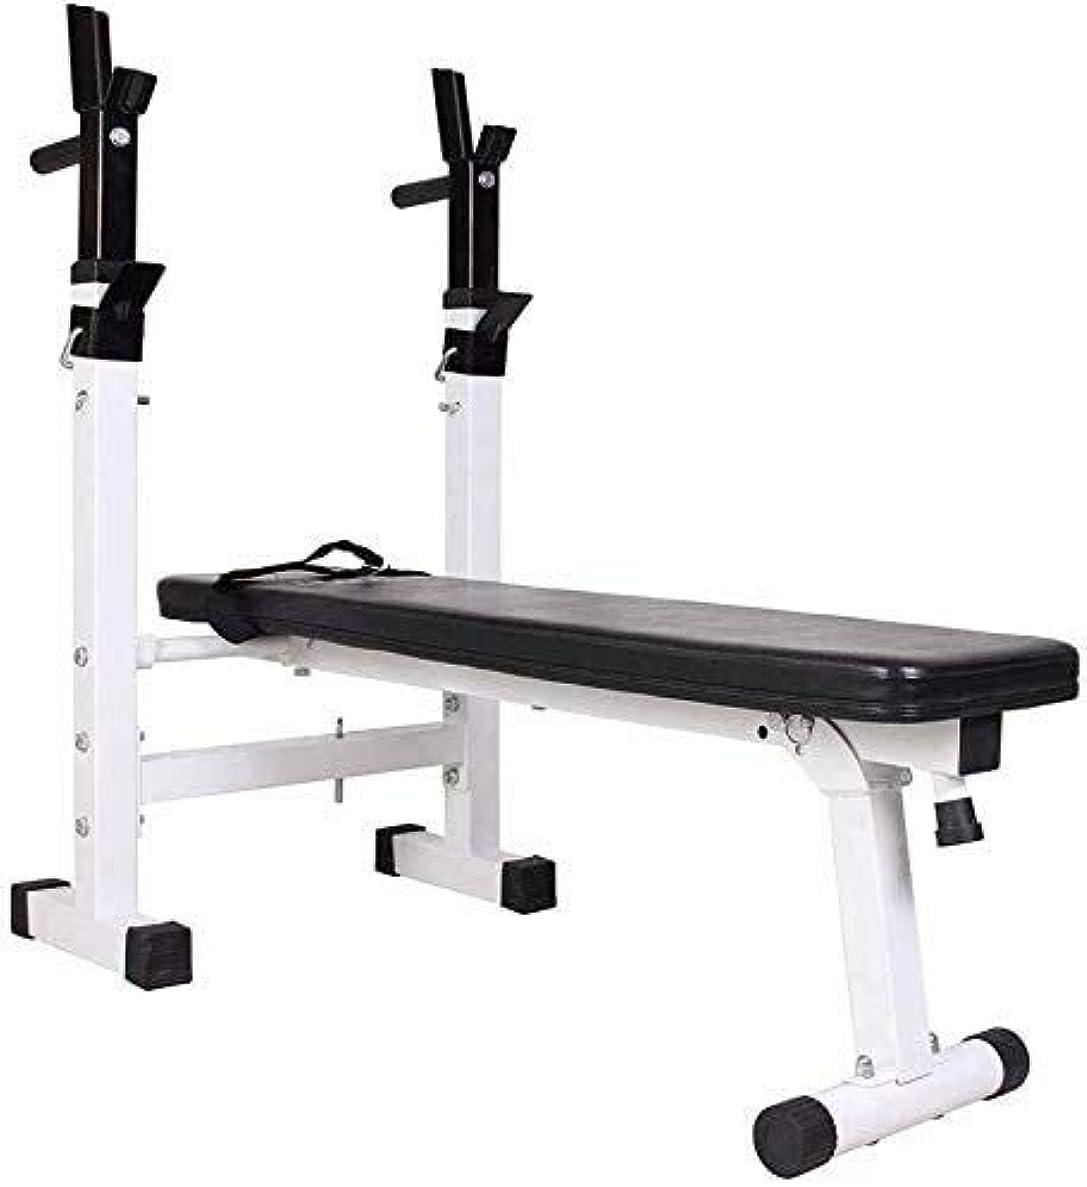 瀬戸際状軍団DAGCOT (ダンベルなし)アジャスタブル重量ベンチワークアウトベンチ腹部ウエストトレーニングインテリジェント折りたたみシステム、アンチスリップ